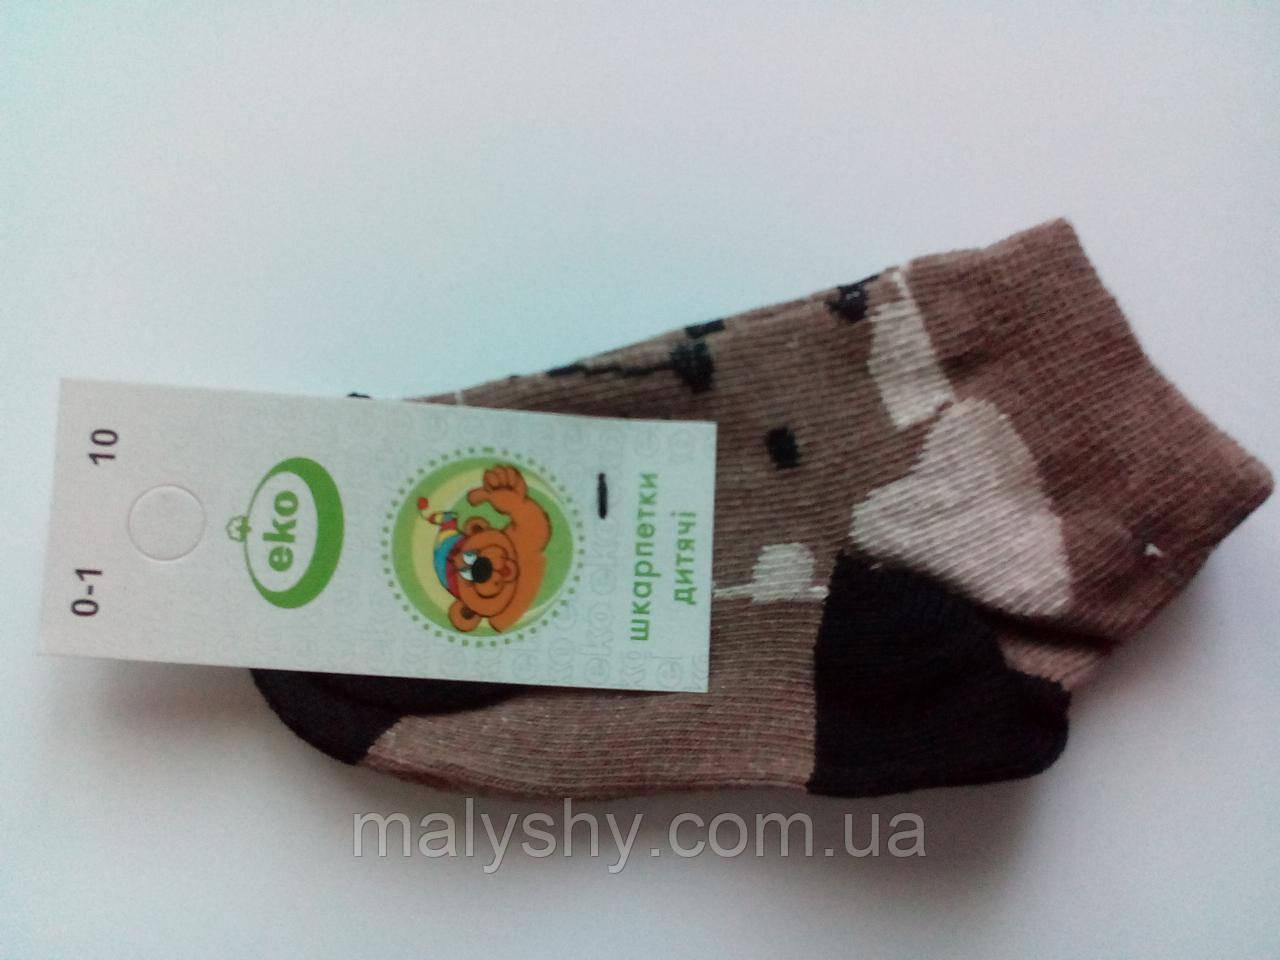 Детские носки демисезонные - Эко 4133 р.10 (шкарпетки дитячі, Еко)